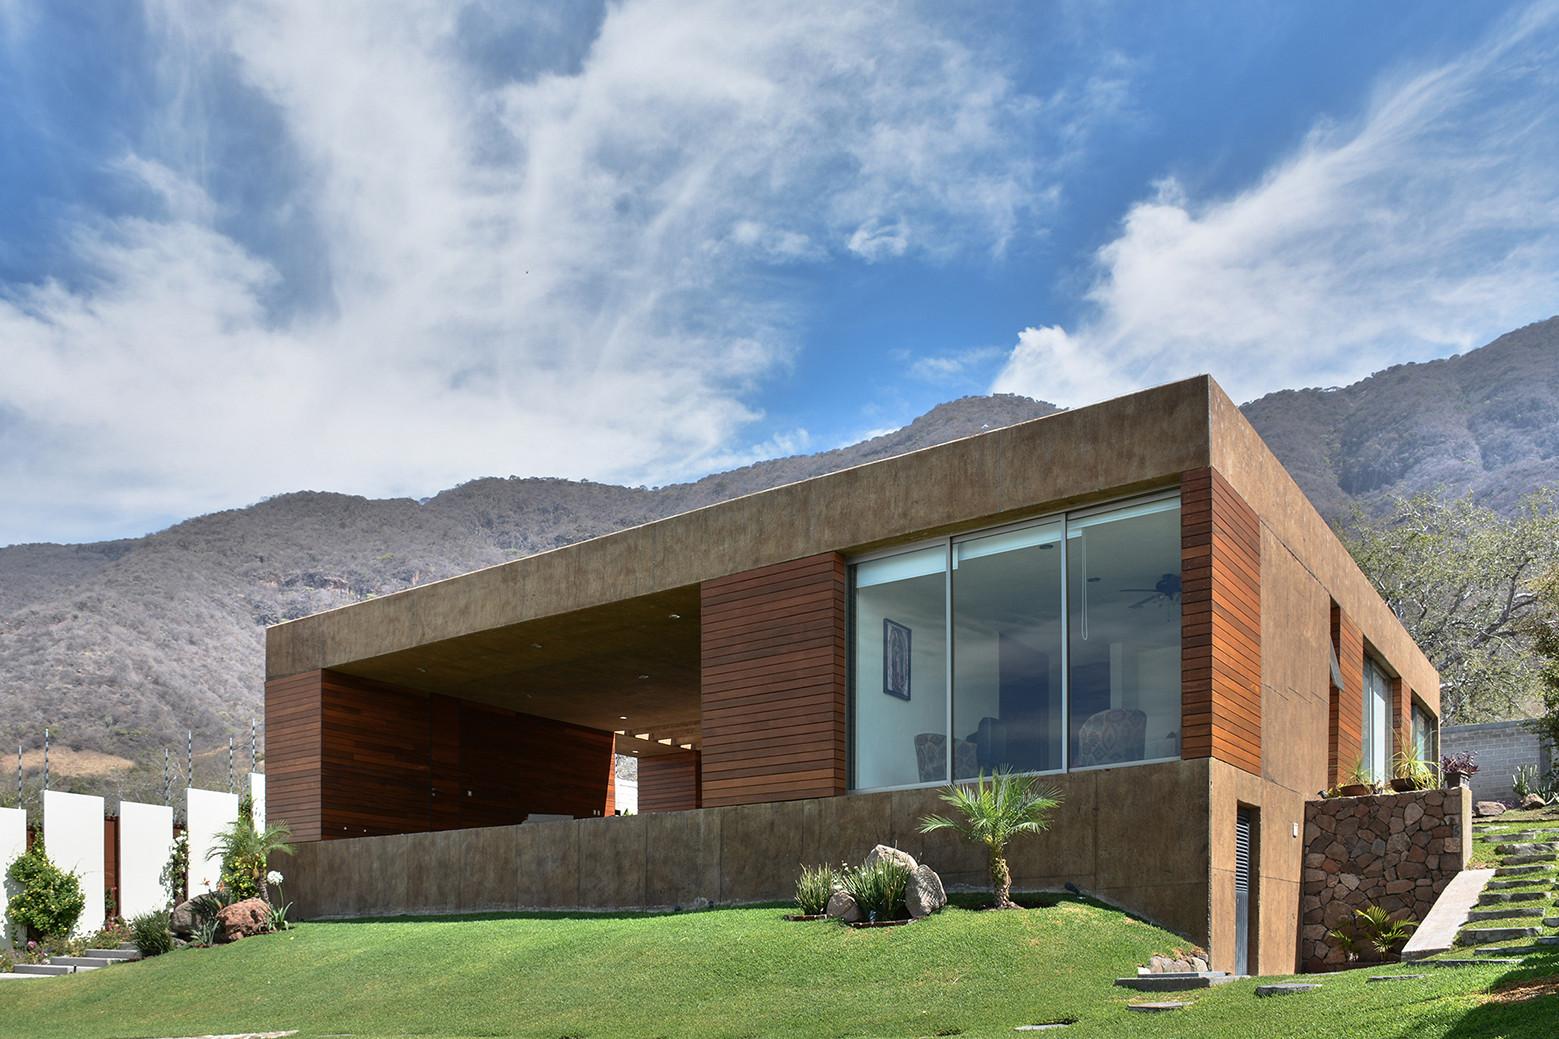 Terrace-House in El Limón / Villar Watty Arquitectos, © Diego Serratos